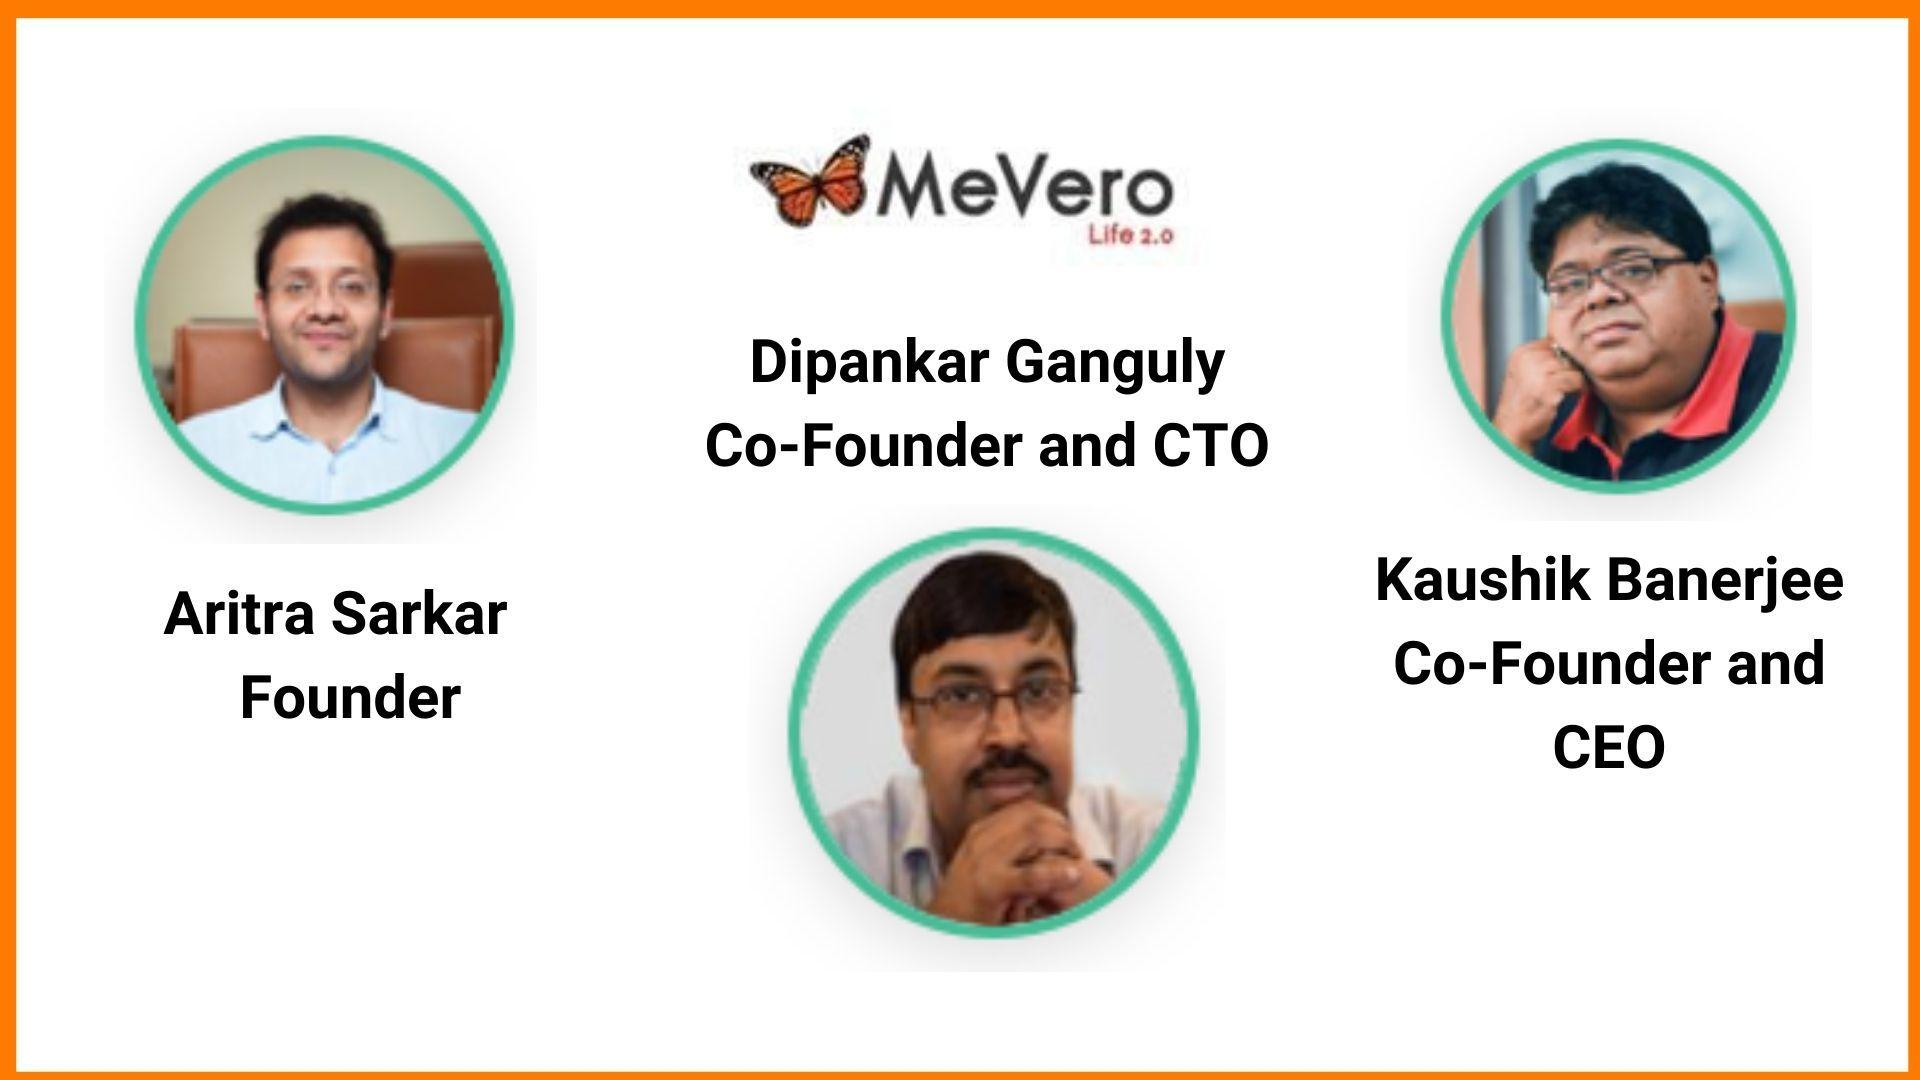 Founders of MeVero